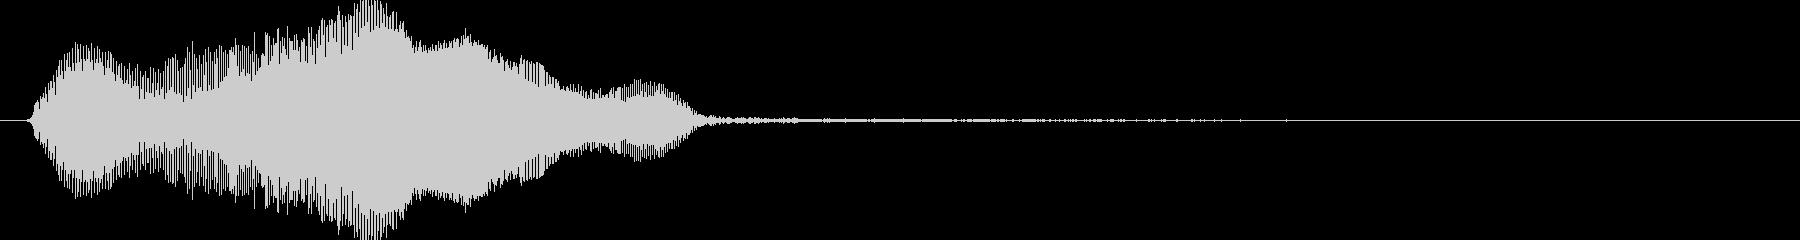 いやーん2(艶加工)【セクシー、ギャグ】の未再生の波形